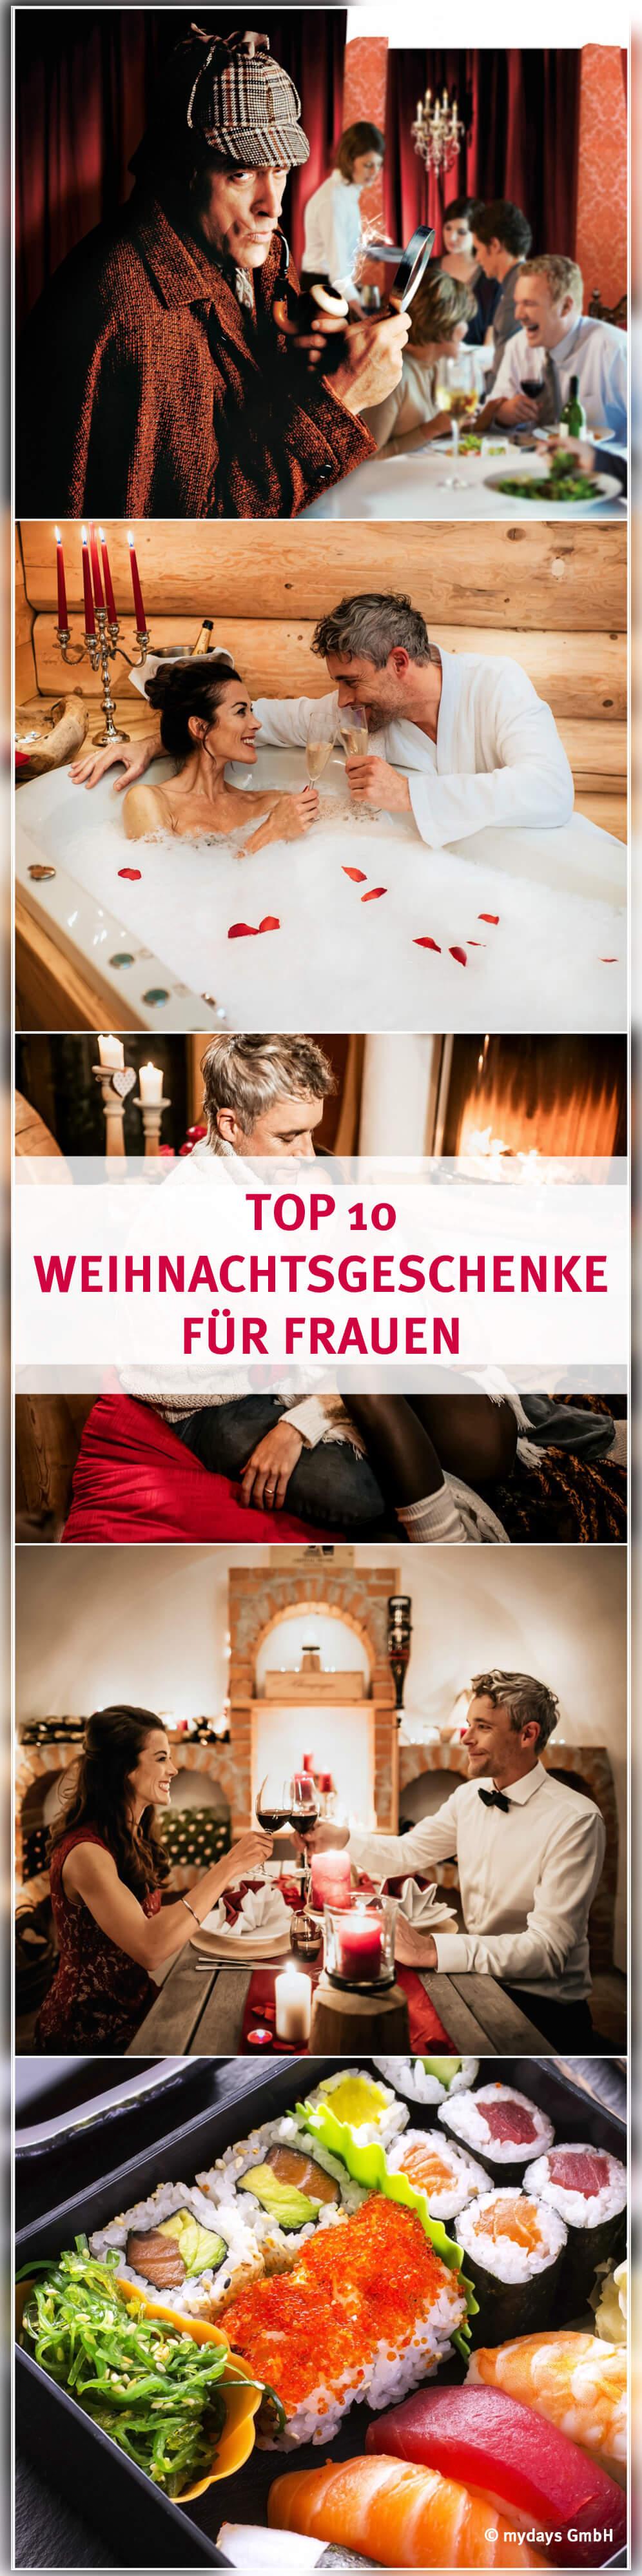 Top 10 Weihnachtsgeschenke für Frauen - Ein kleiner Tipp für die ...